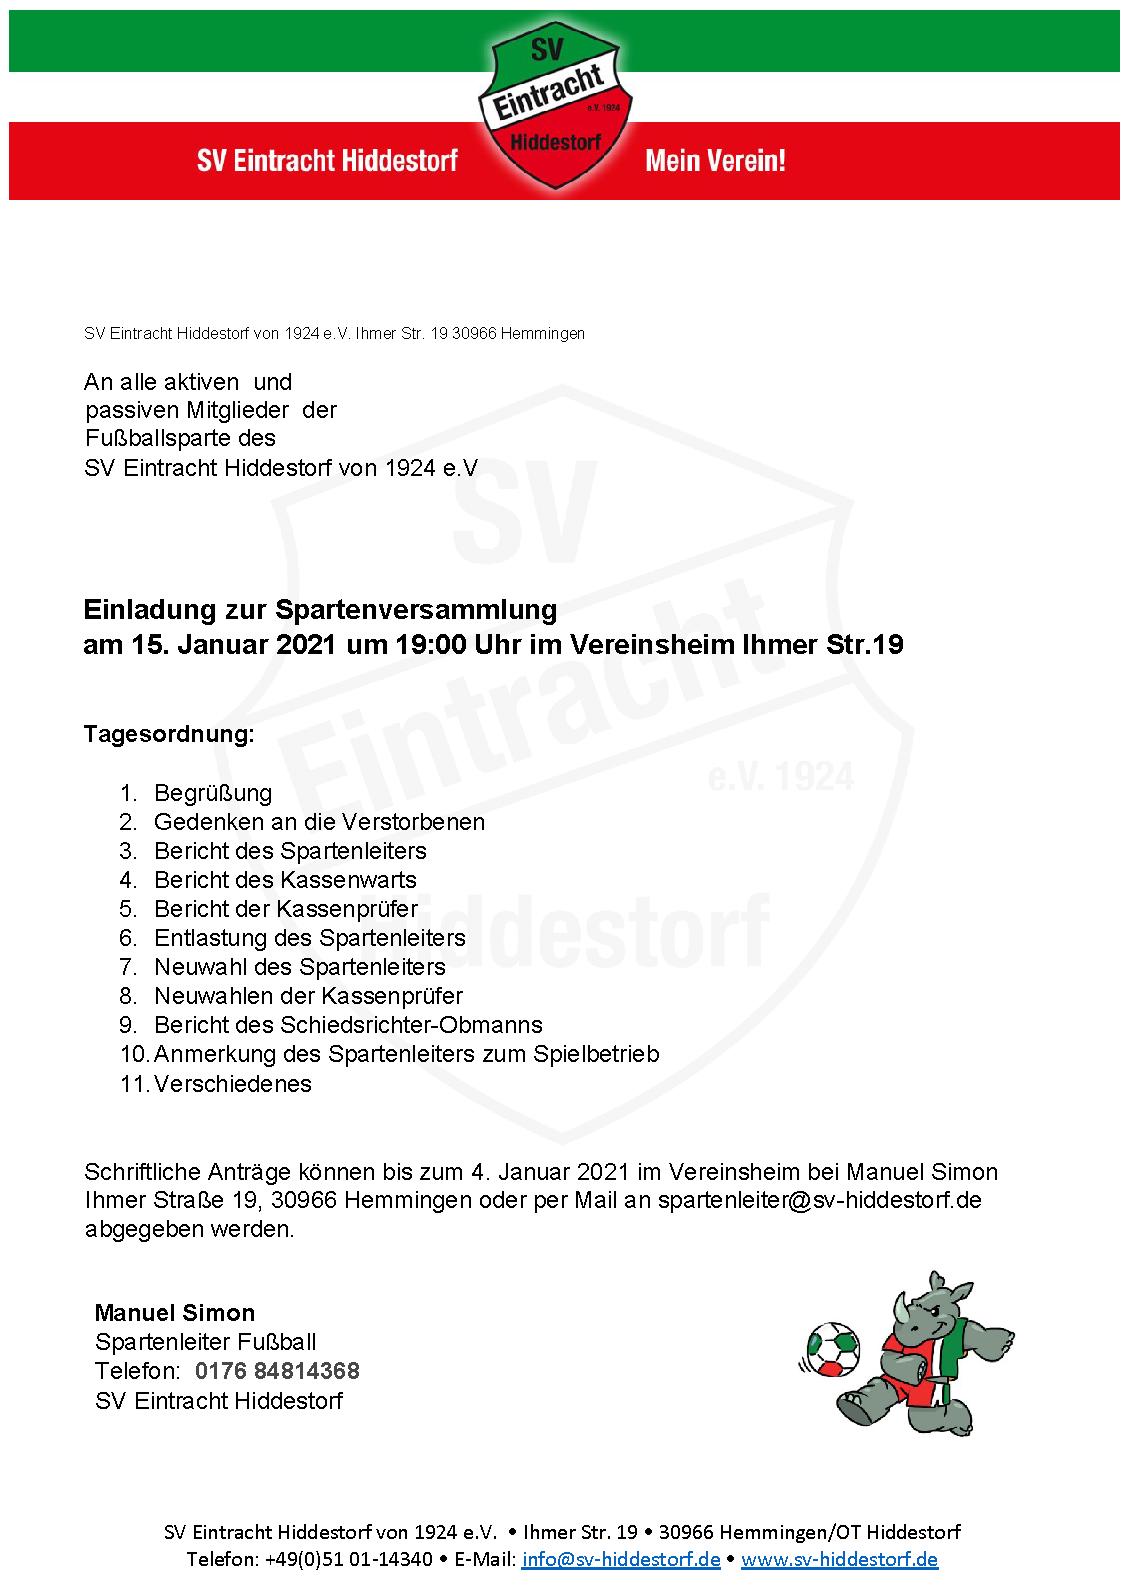 SV Eintracht Hiddestorf Einladung Spartenversammlung2021